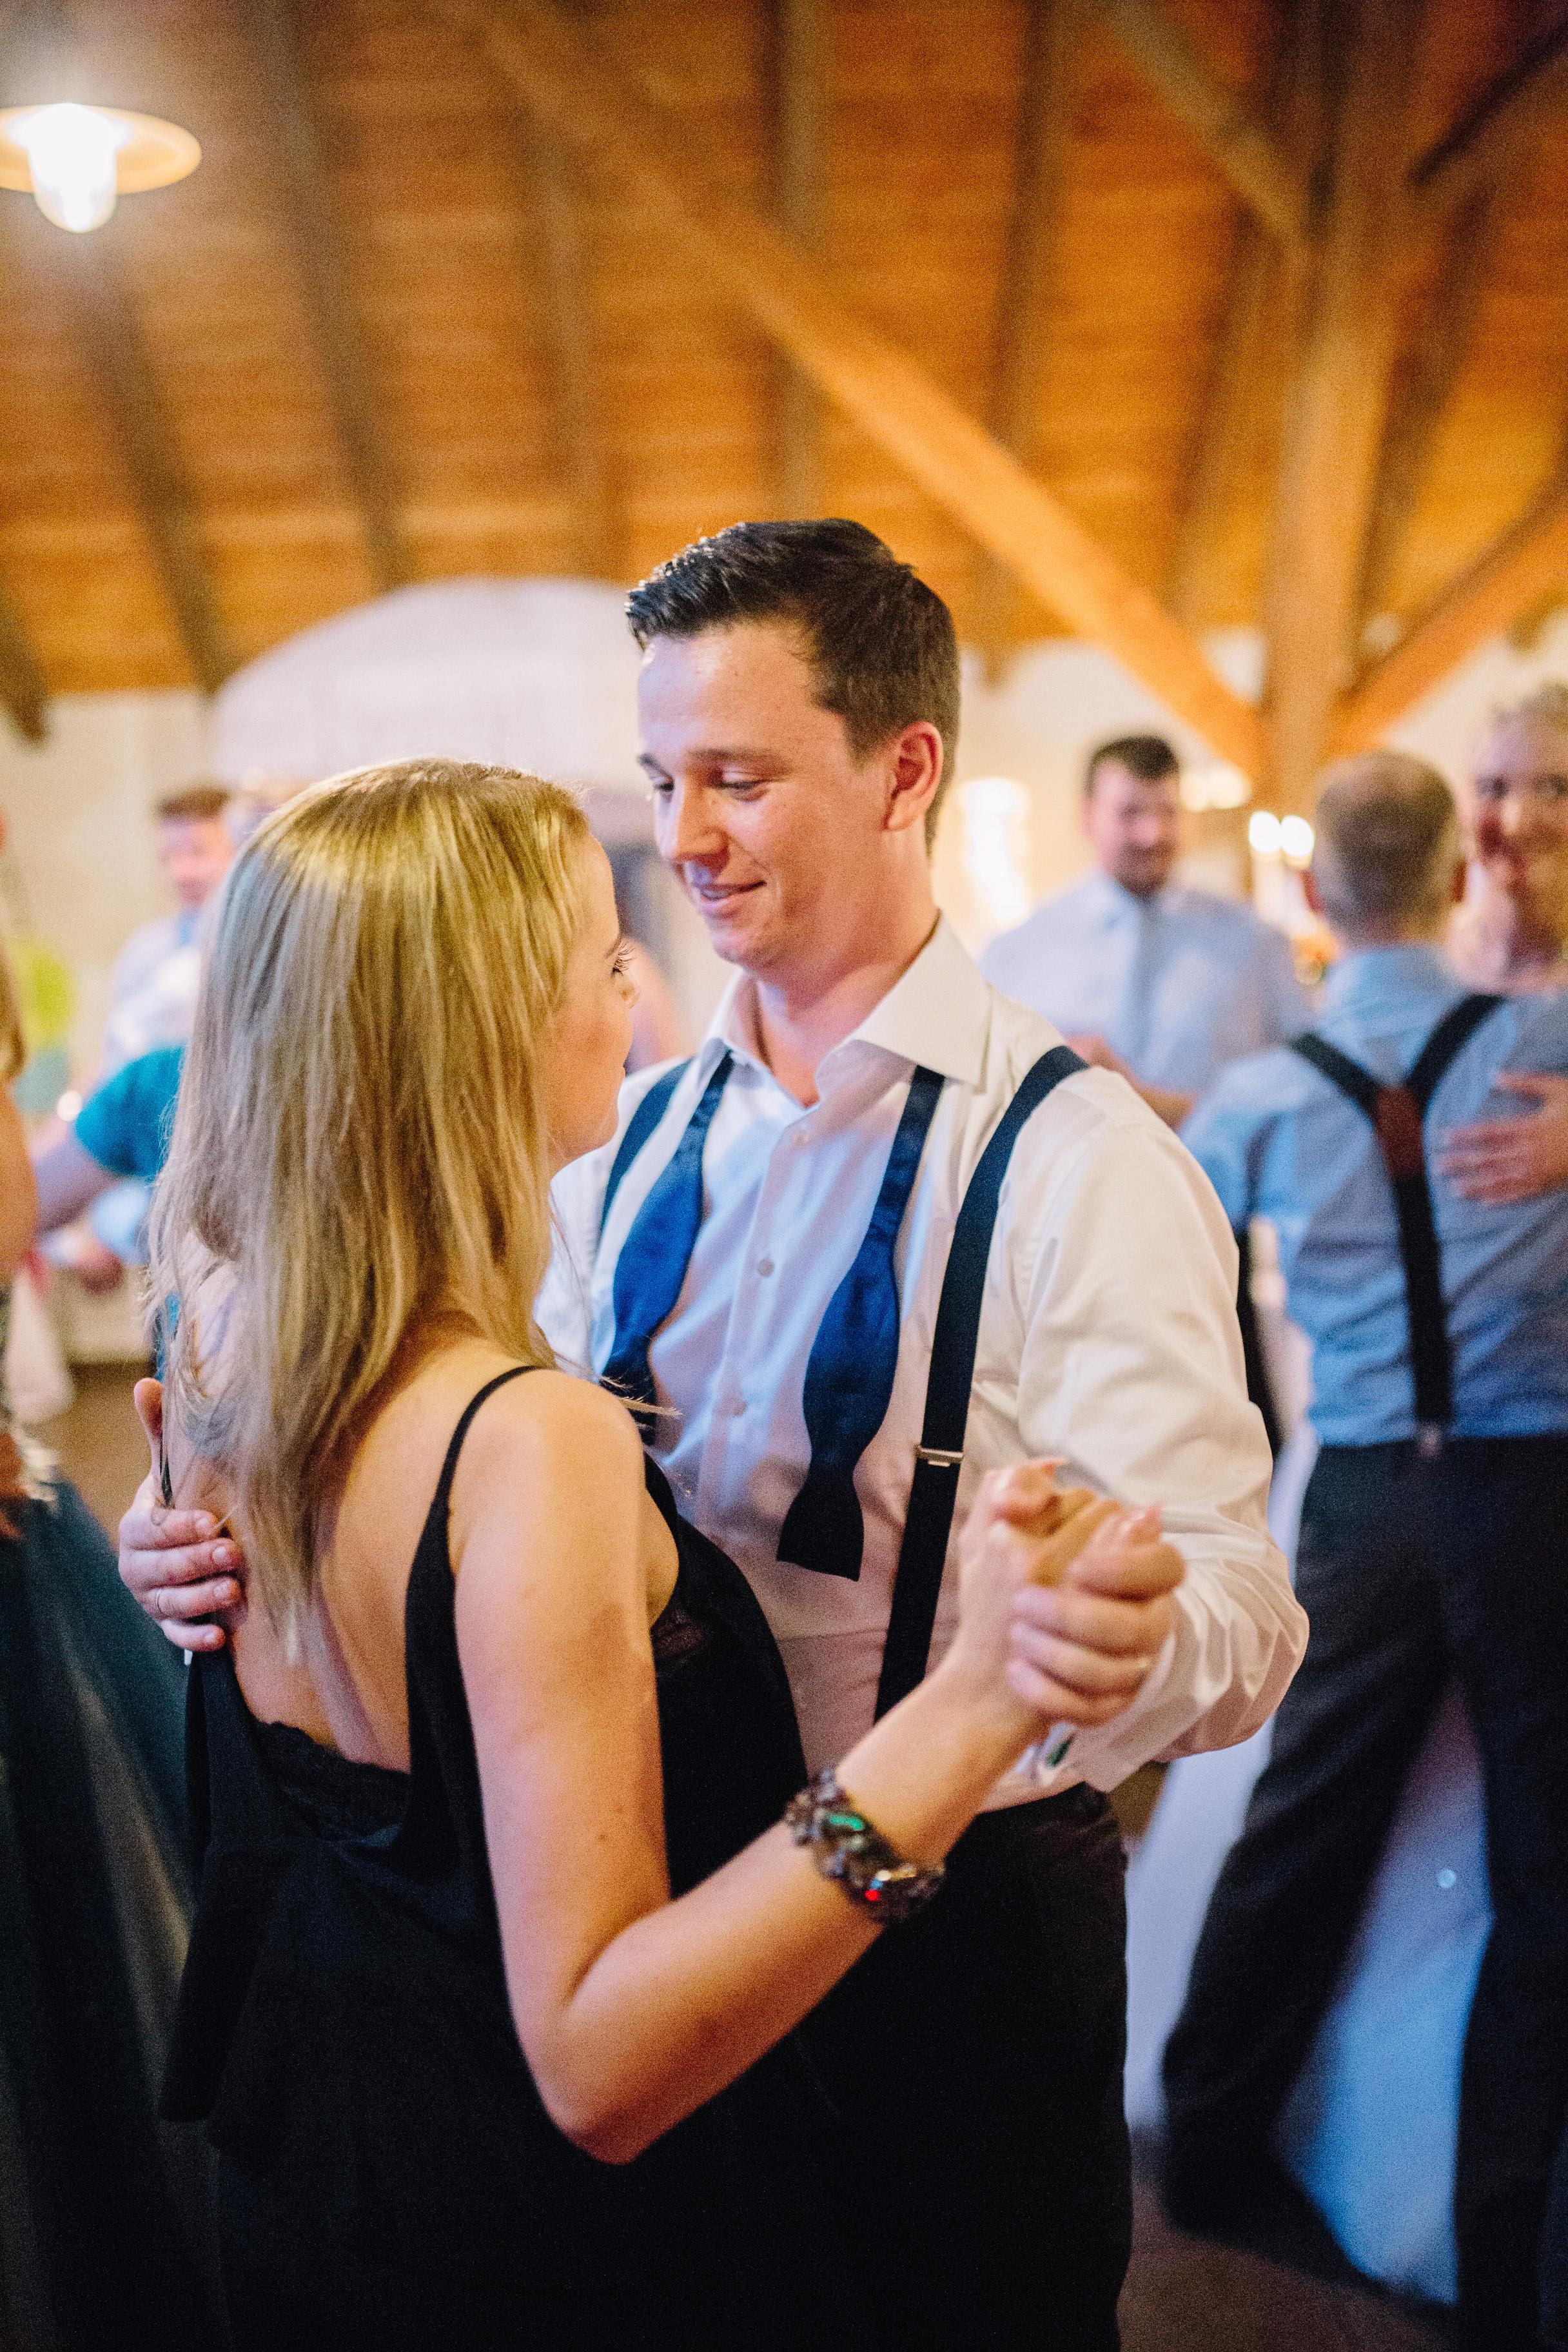 Hochzeit_9.FirstDance-Dance__51.jpg